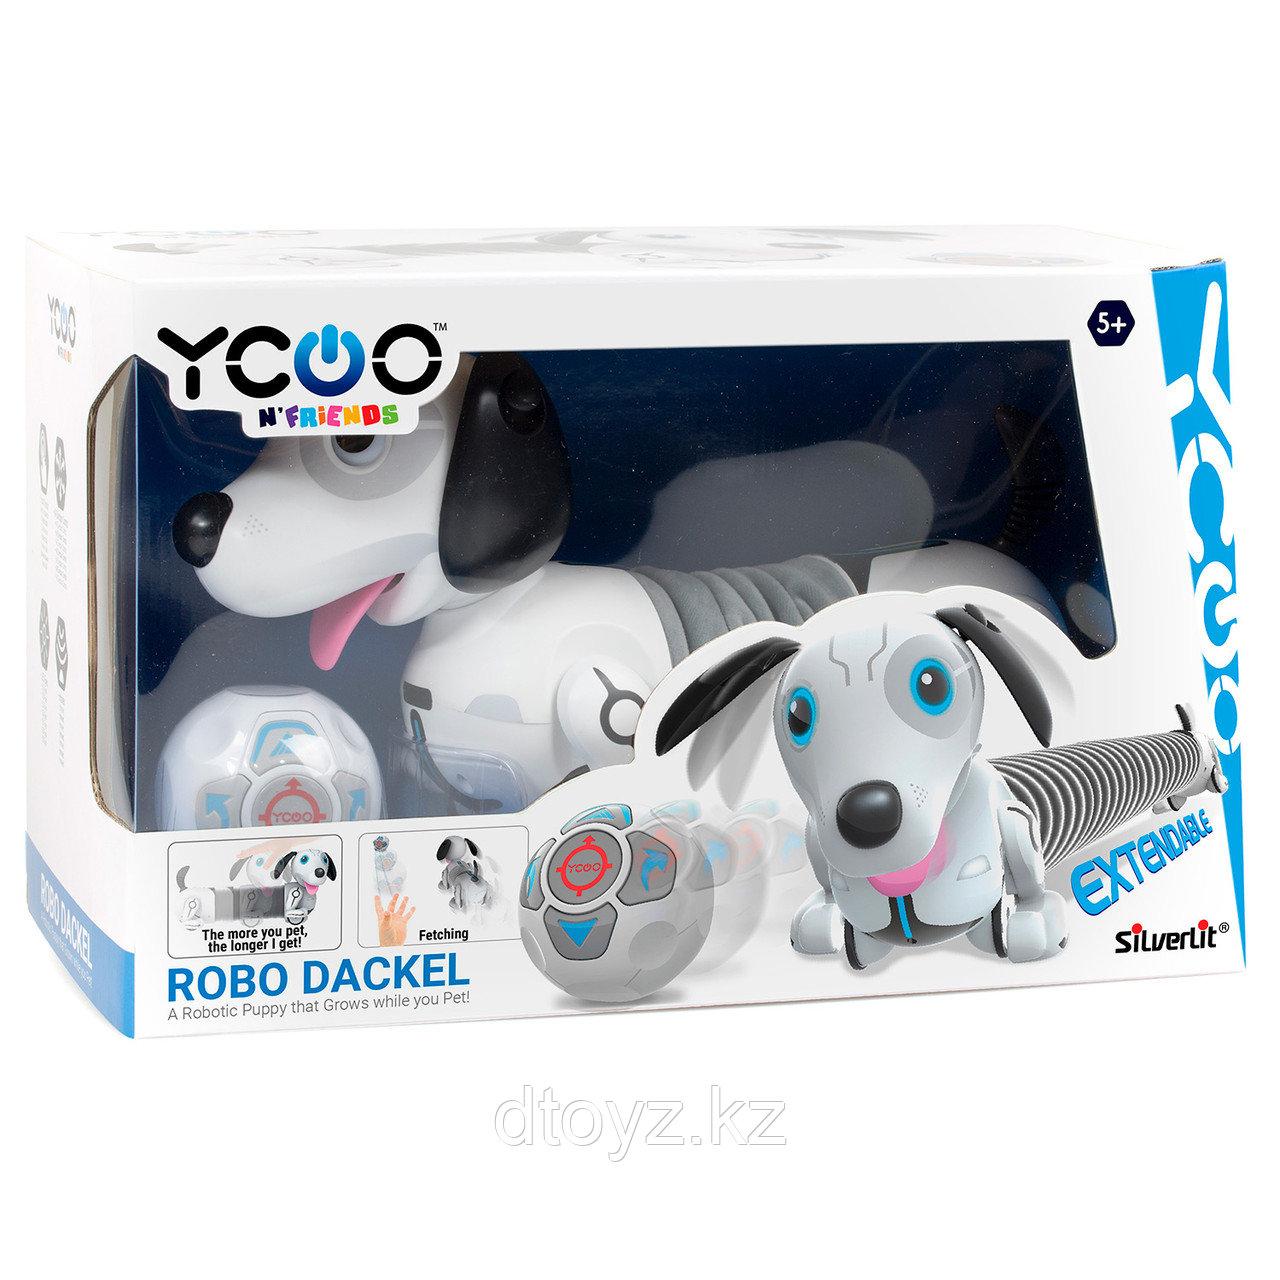 Интерактивная игрушка-робот - Собака Дэкел